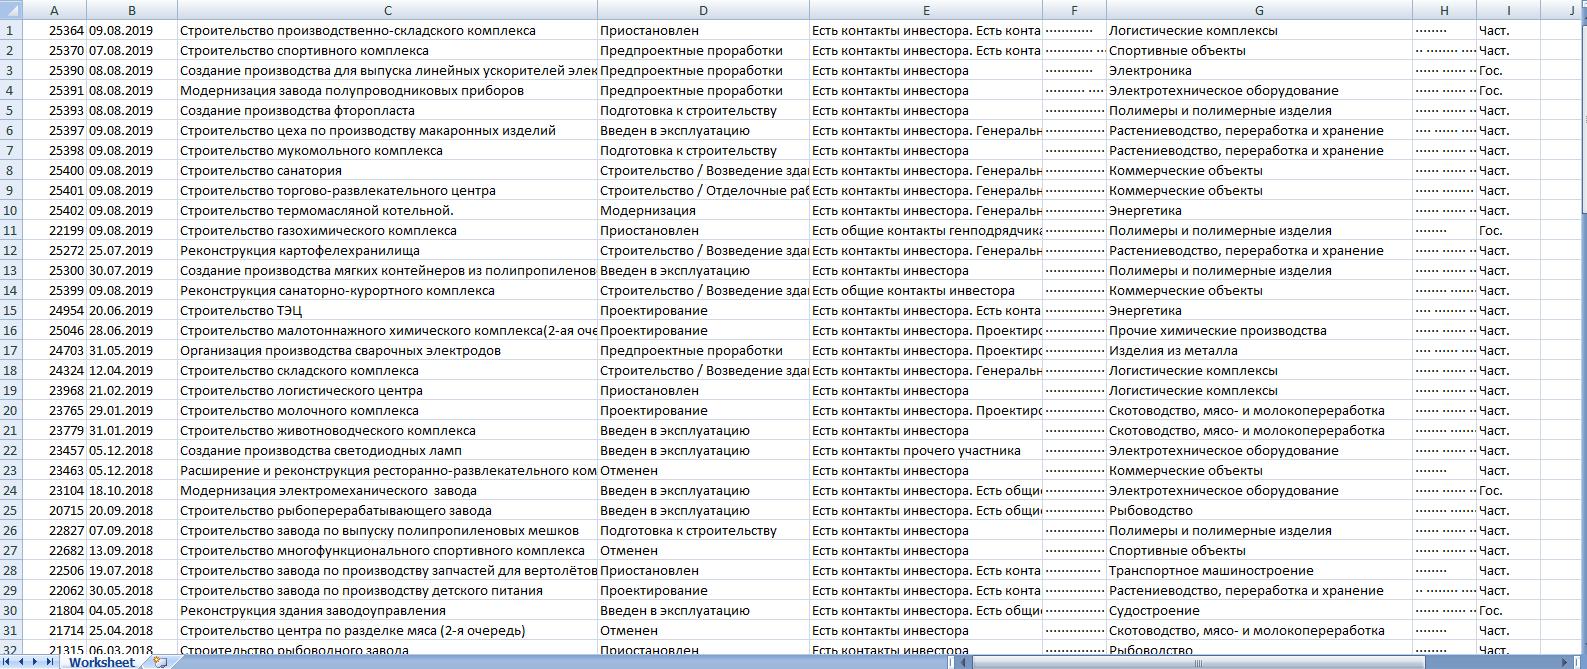 Парсинг информации с сайта с выгрузкой в Excell